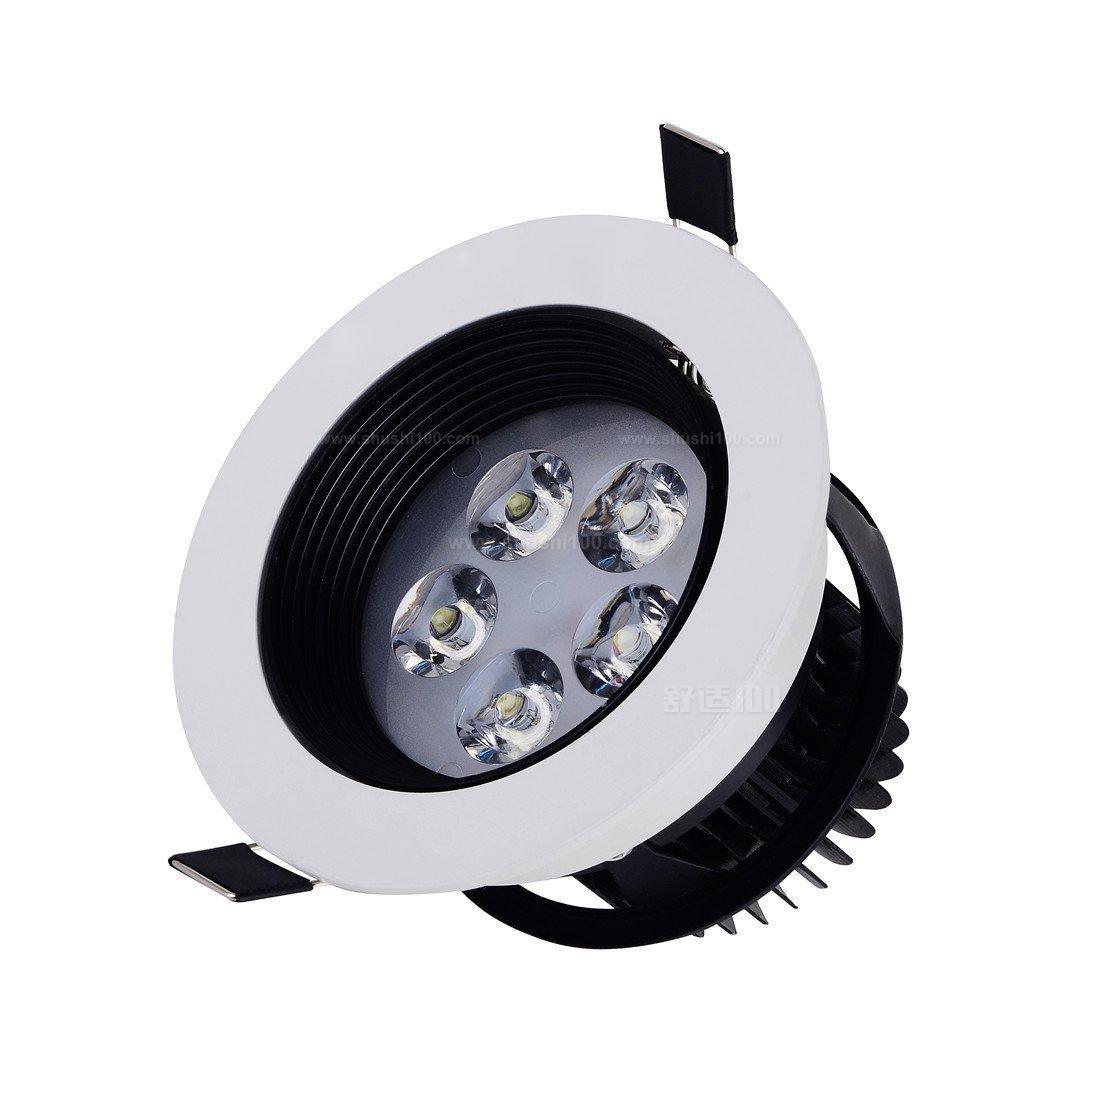 射灯安装方法